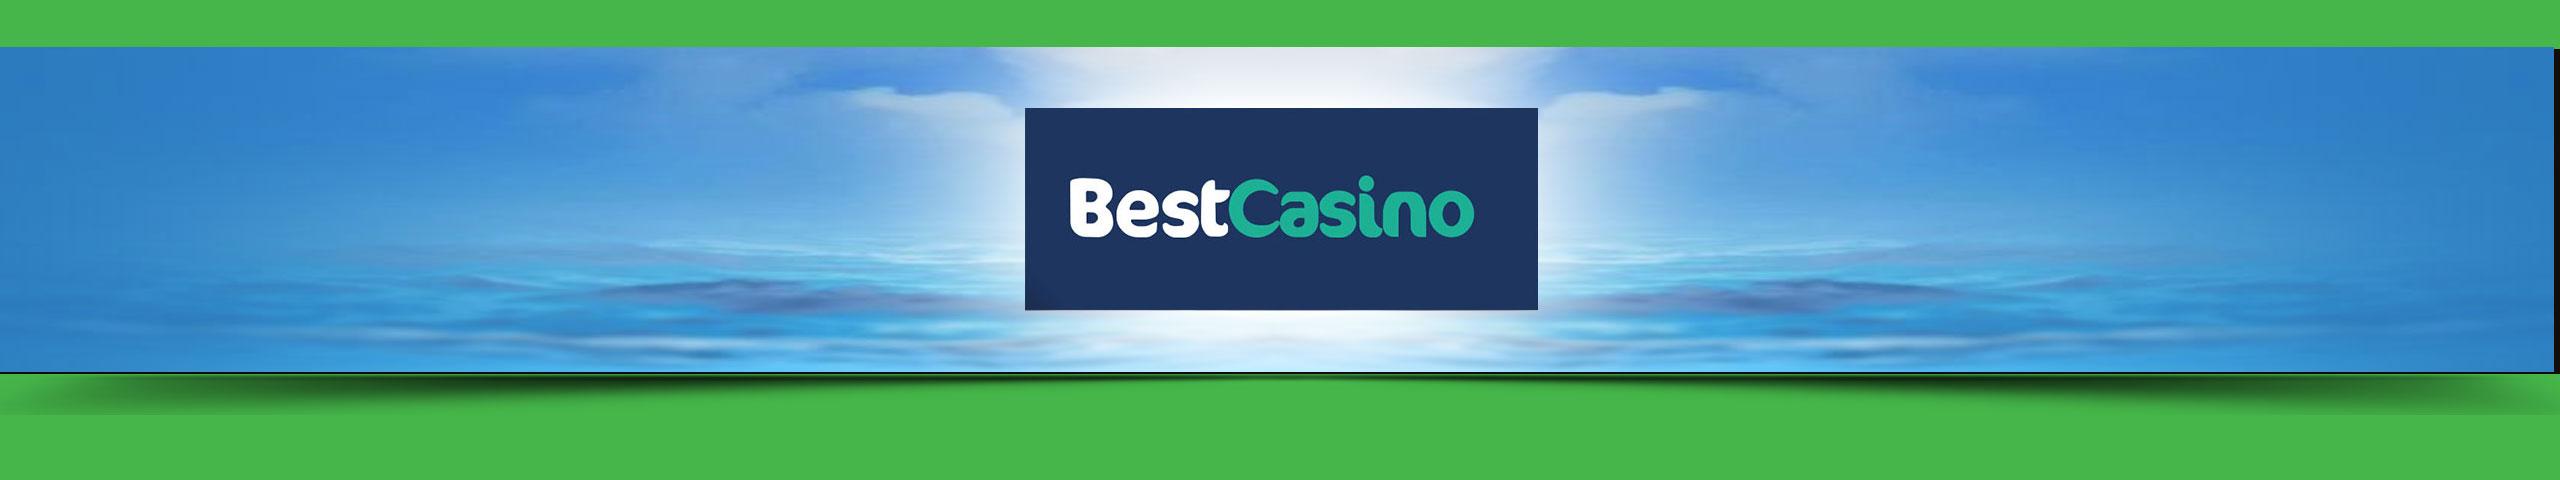 Vizualizarea Cazinoului BestCasino - Multabafta.com Slider